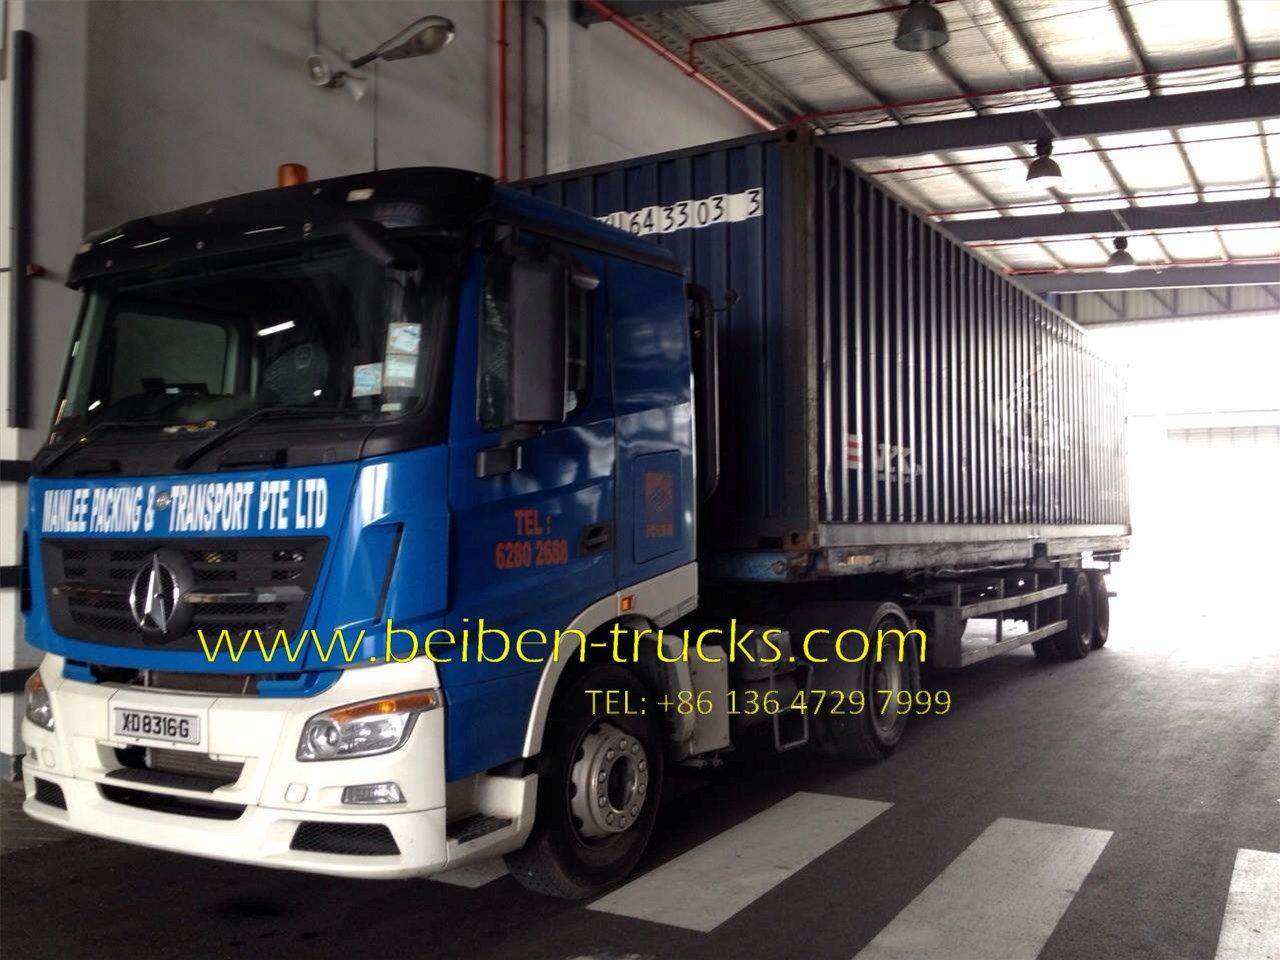 beiben 1840 tractor truck supplier